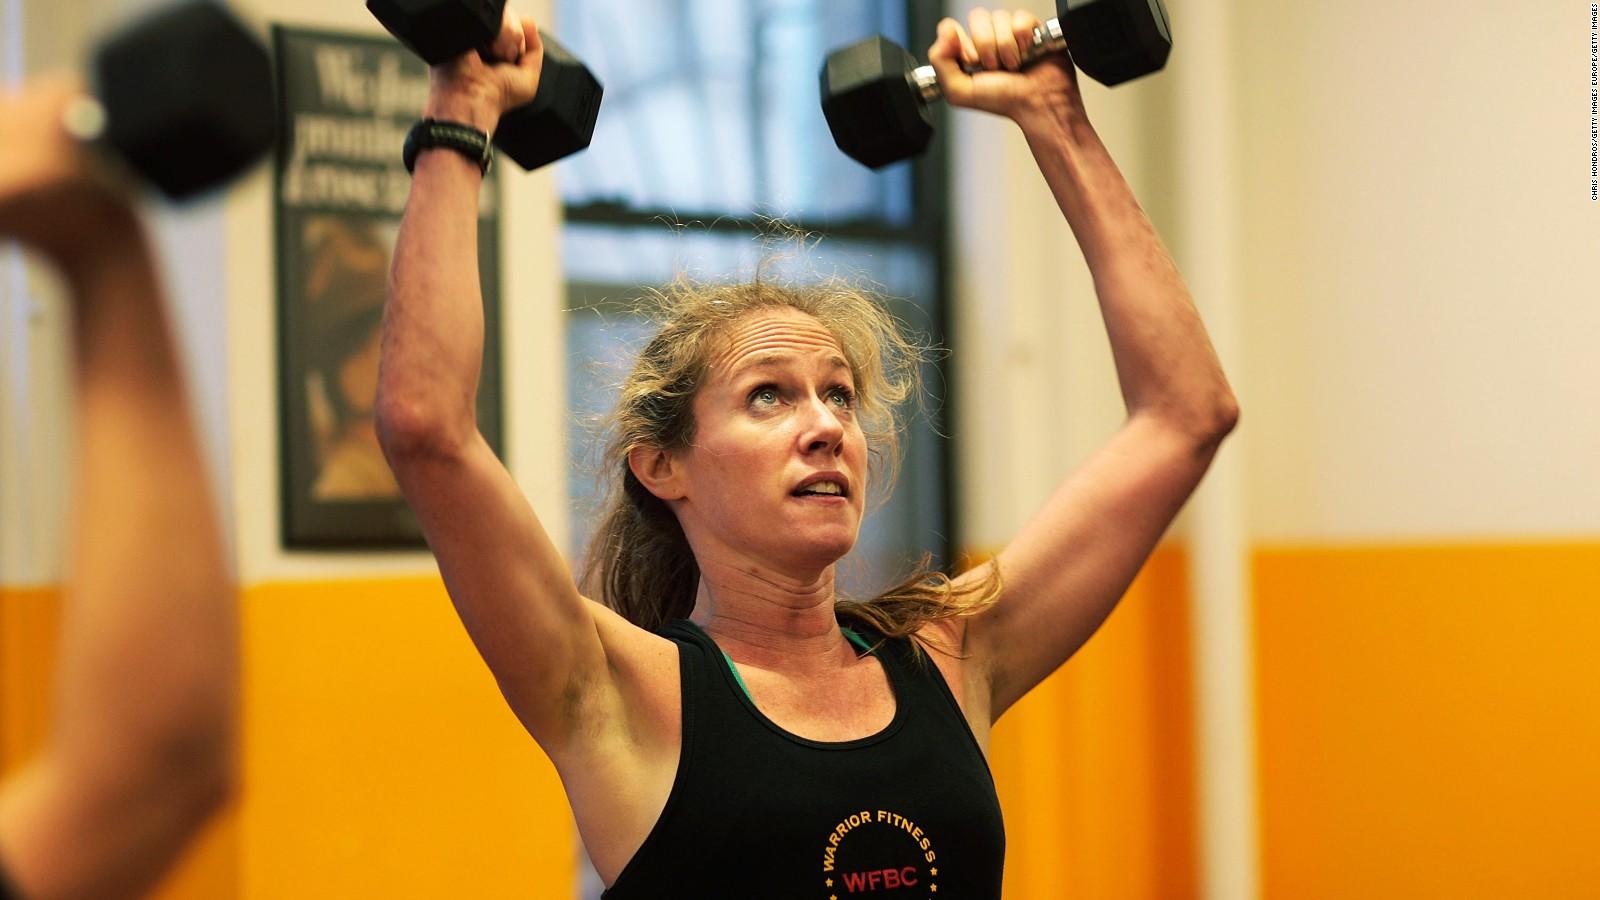 160210140852-workout-3-full-169_1530213866862.jpg